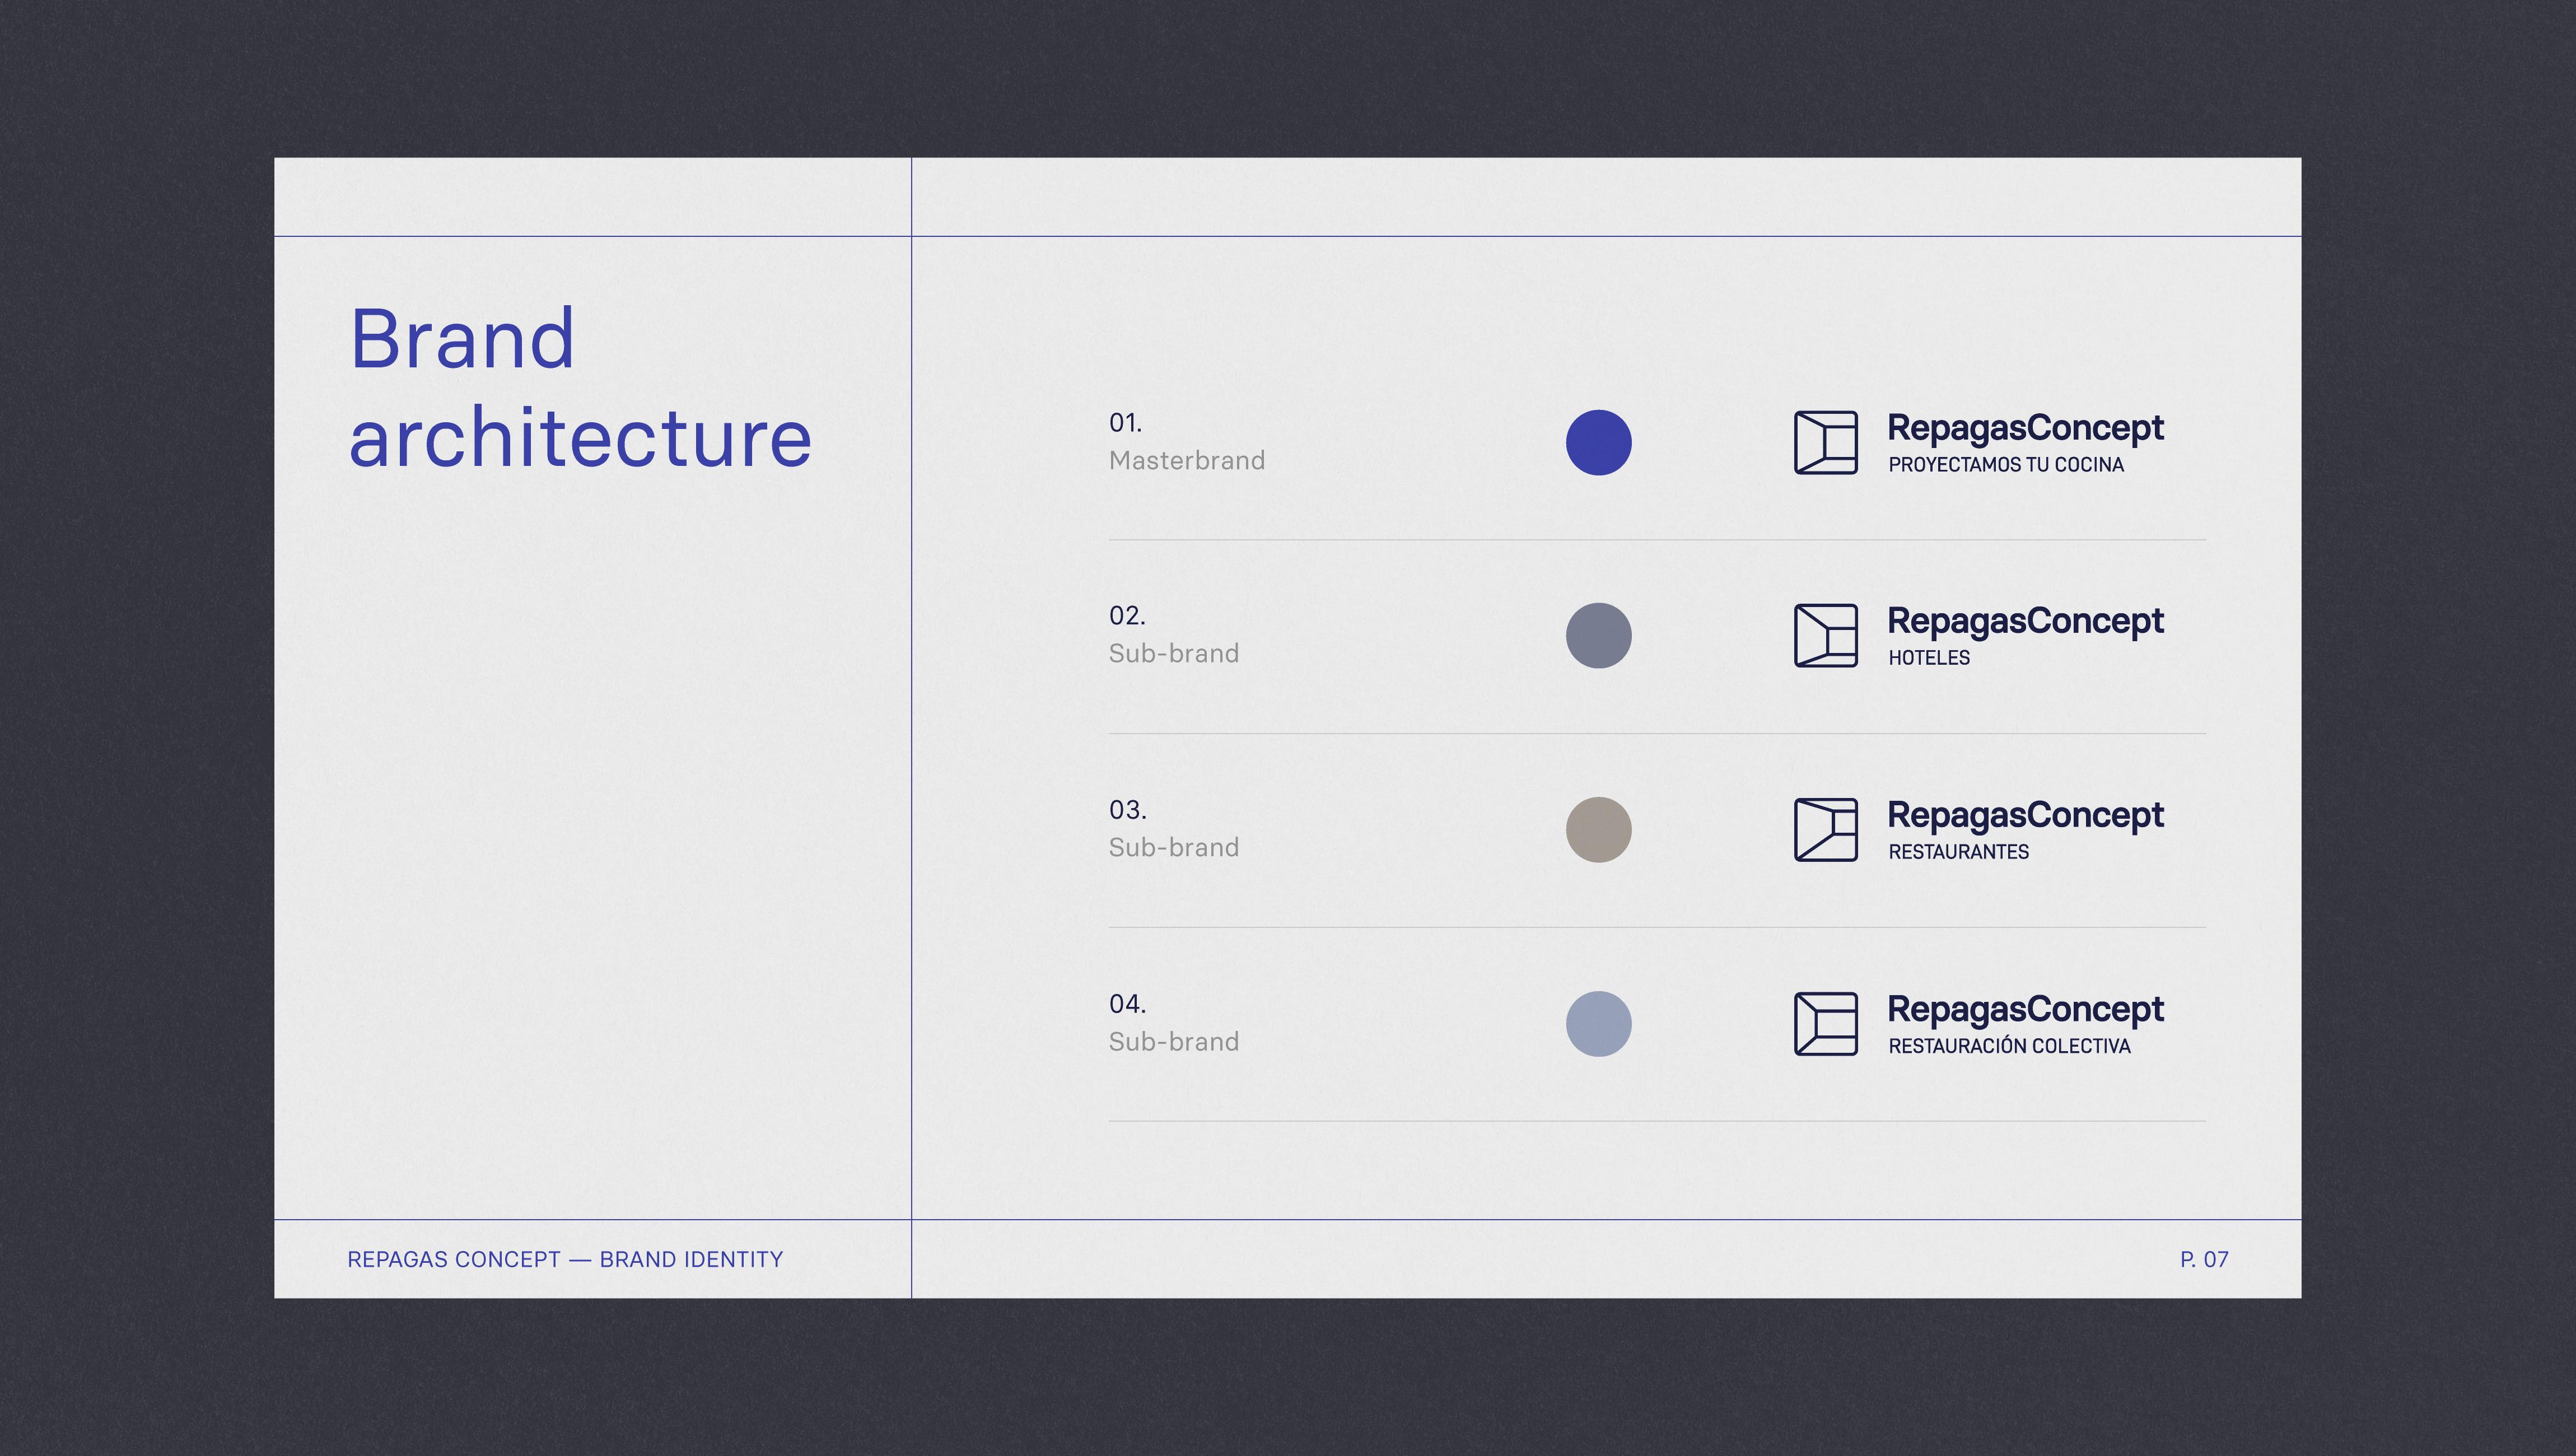 RC_Arquitectura_portfolio_ENG_V2